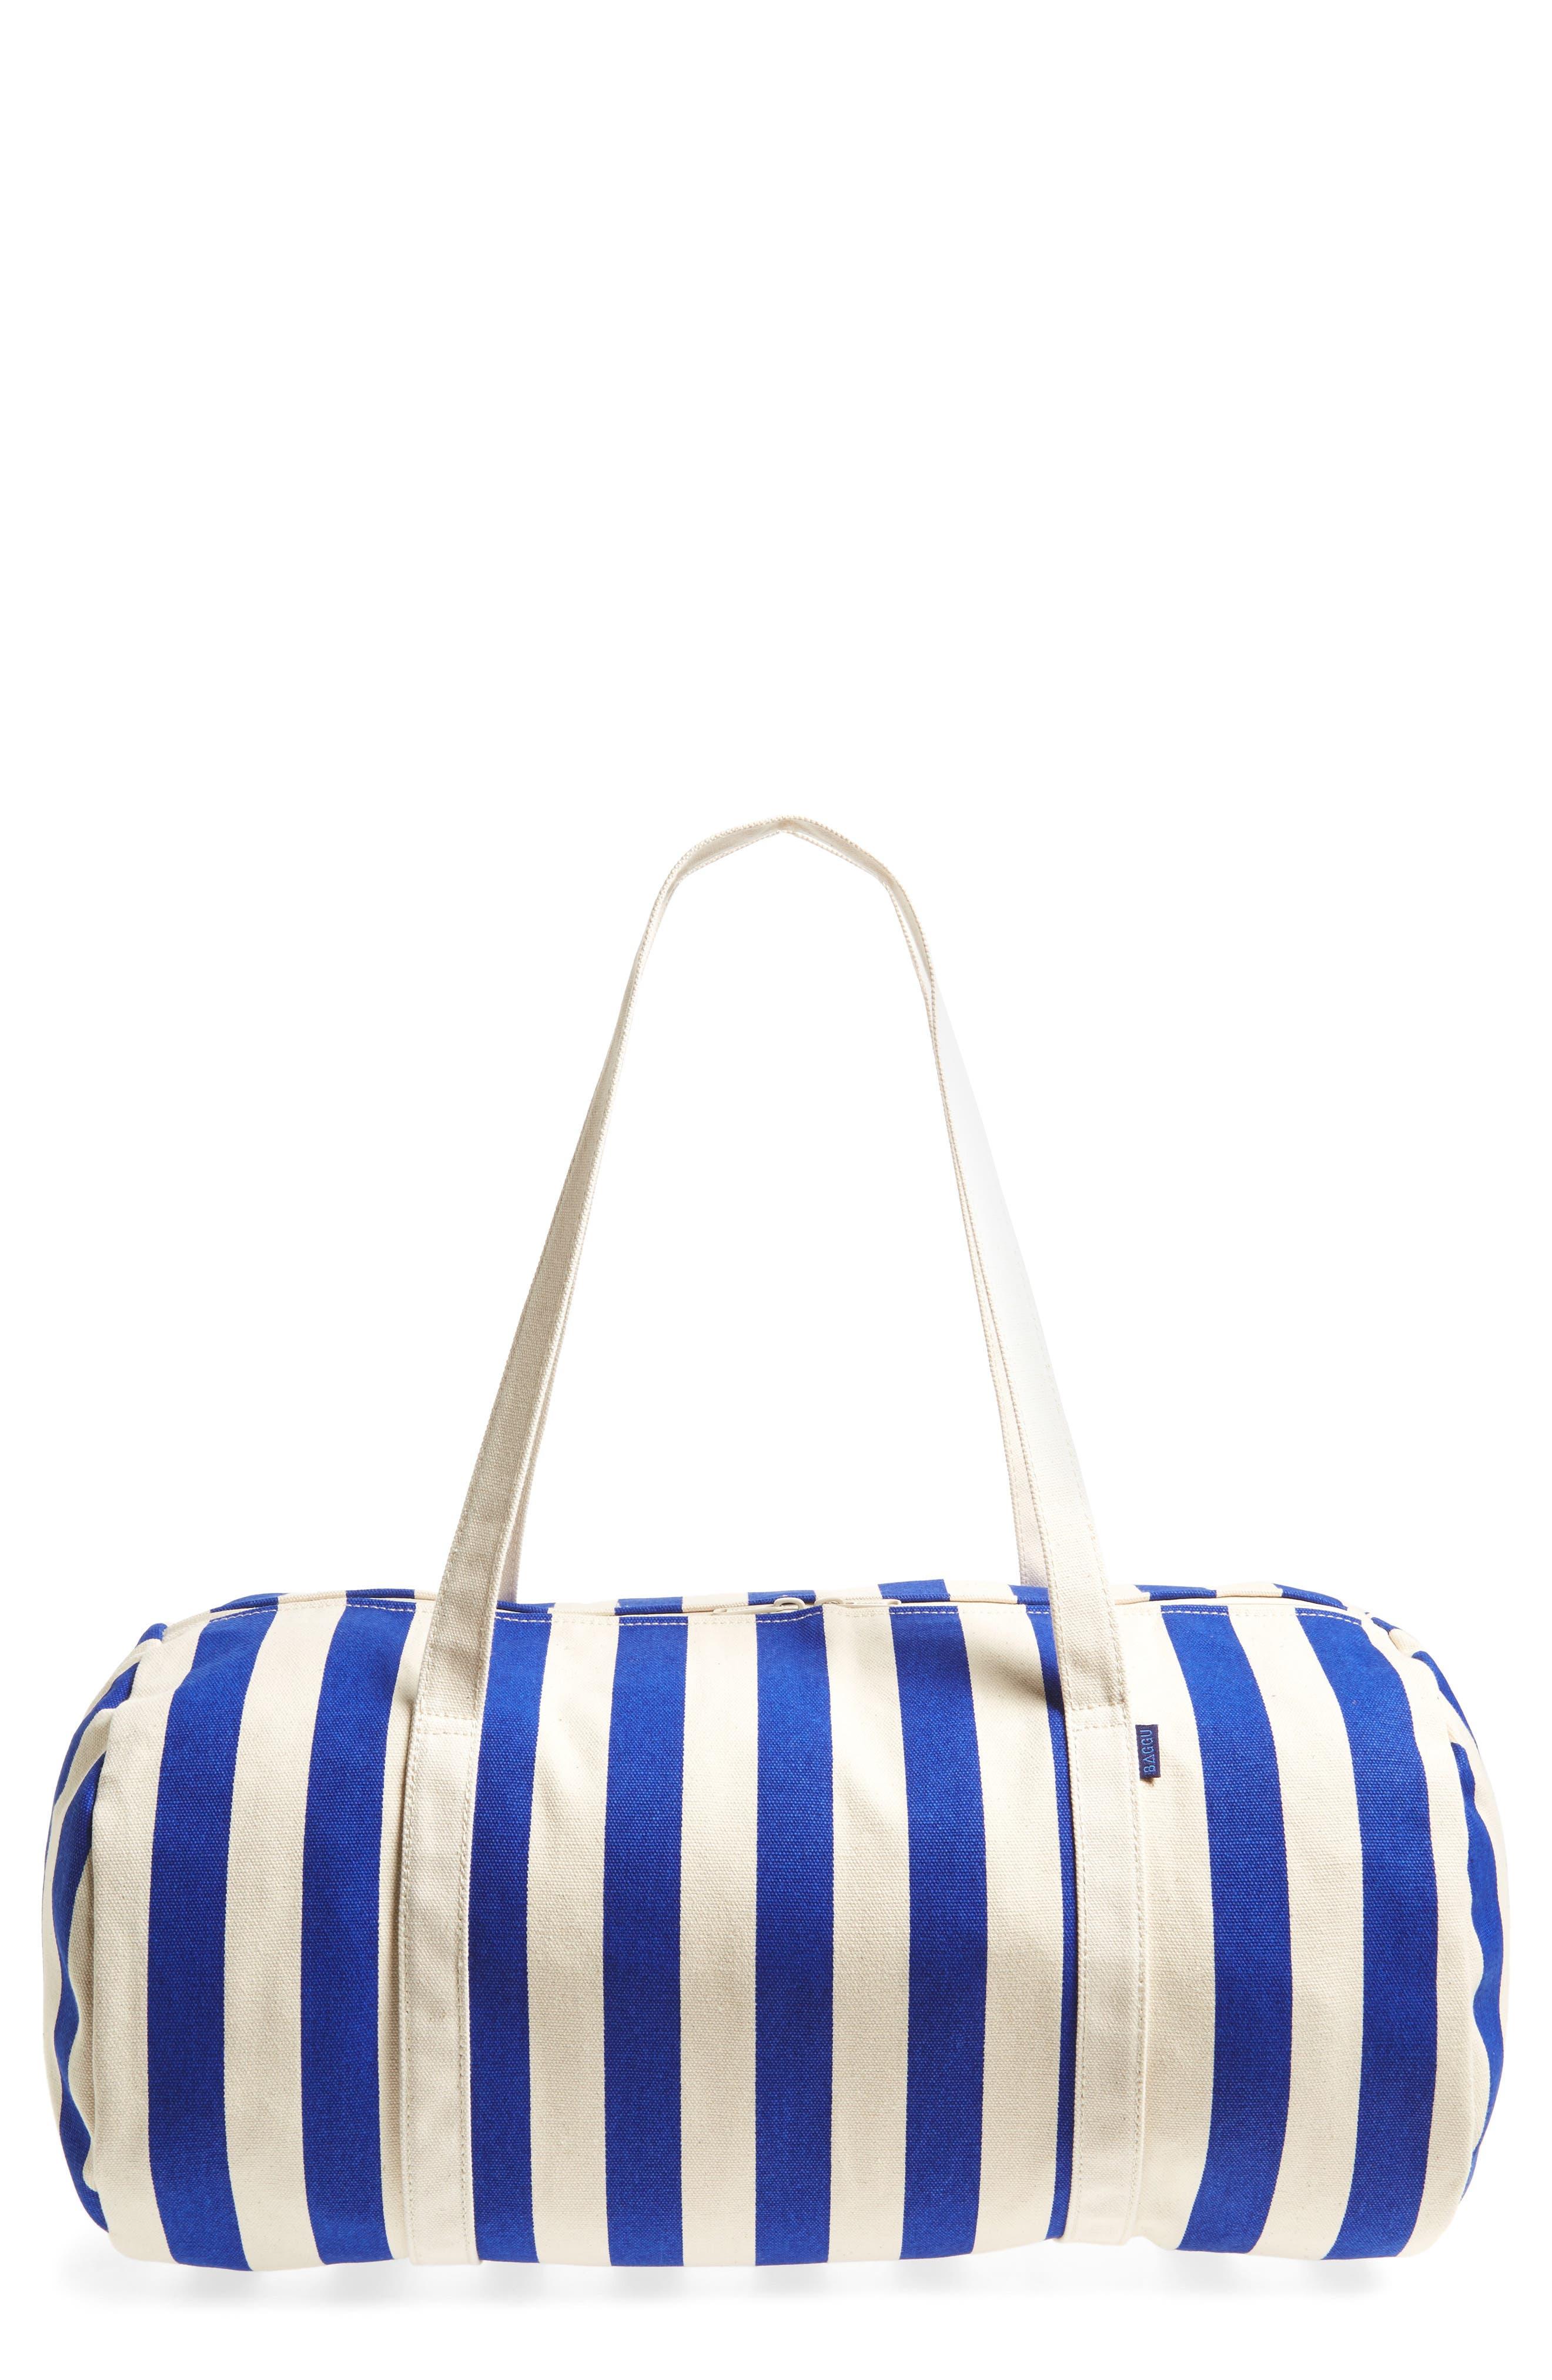 Main Image - Baggu Canvas Duffel Bag